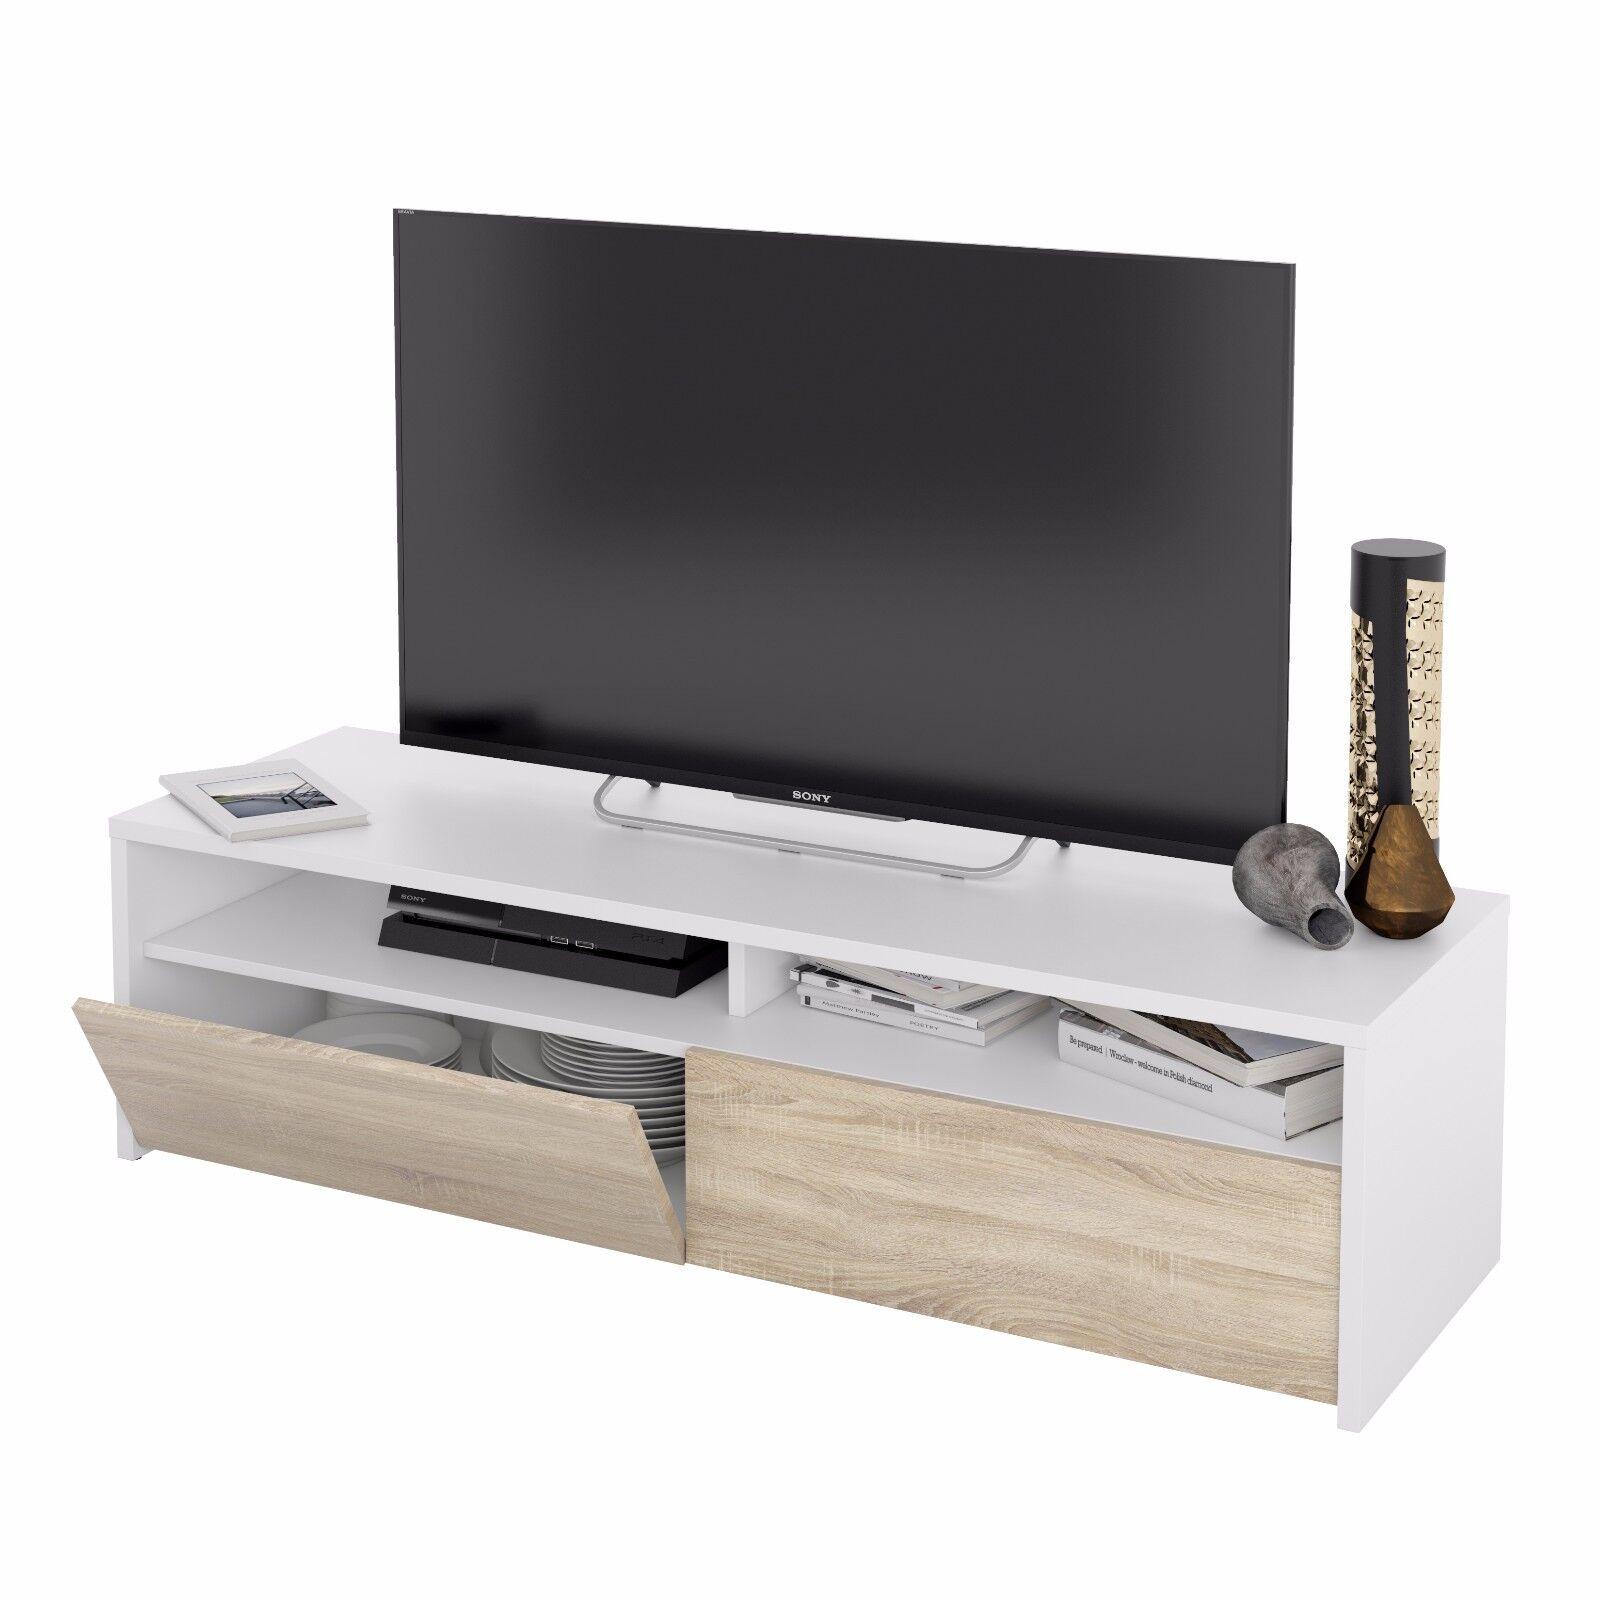 Muebles De Tv Y Multimedia Color Principal Blanco Para El Hogar Ebay # Luke Muebles De Bano